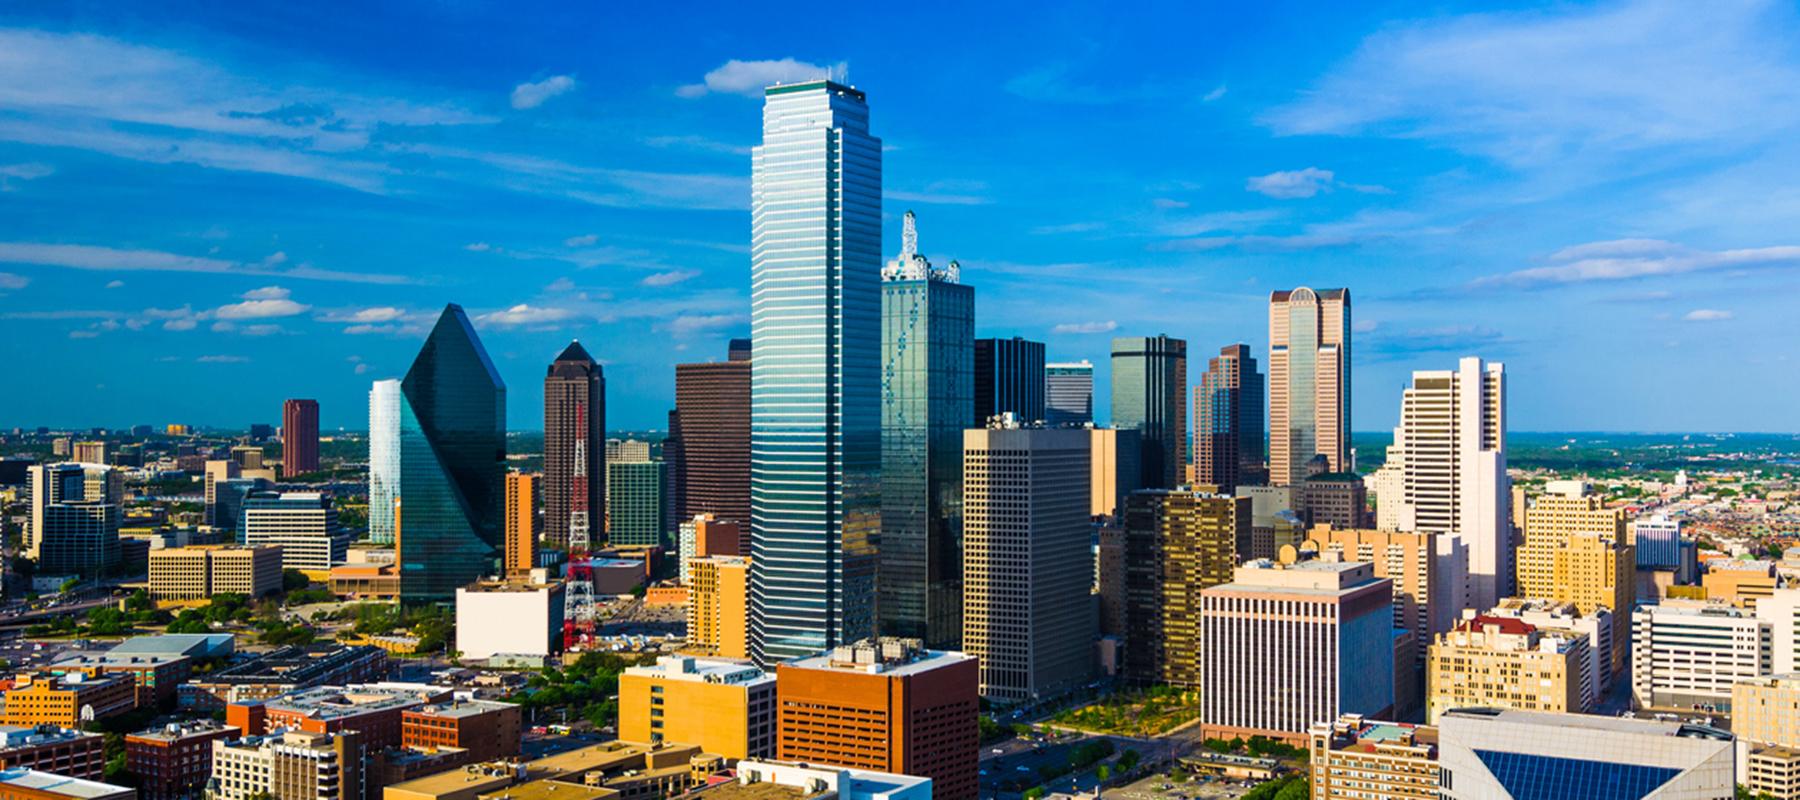 Image of Dallas, TX